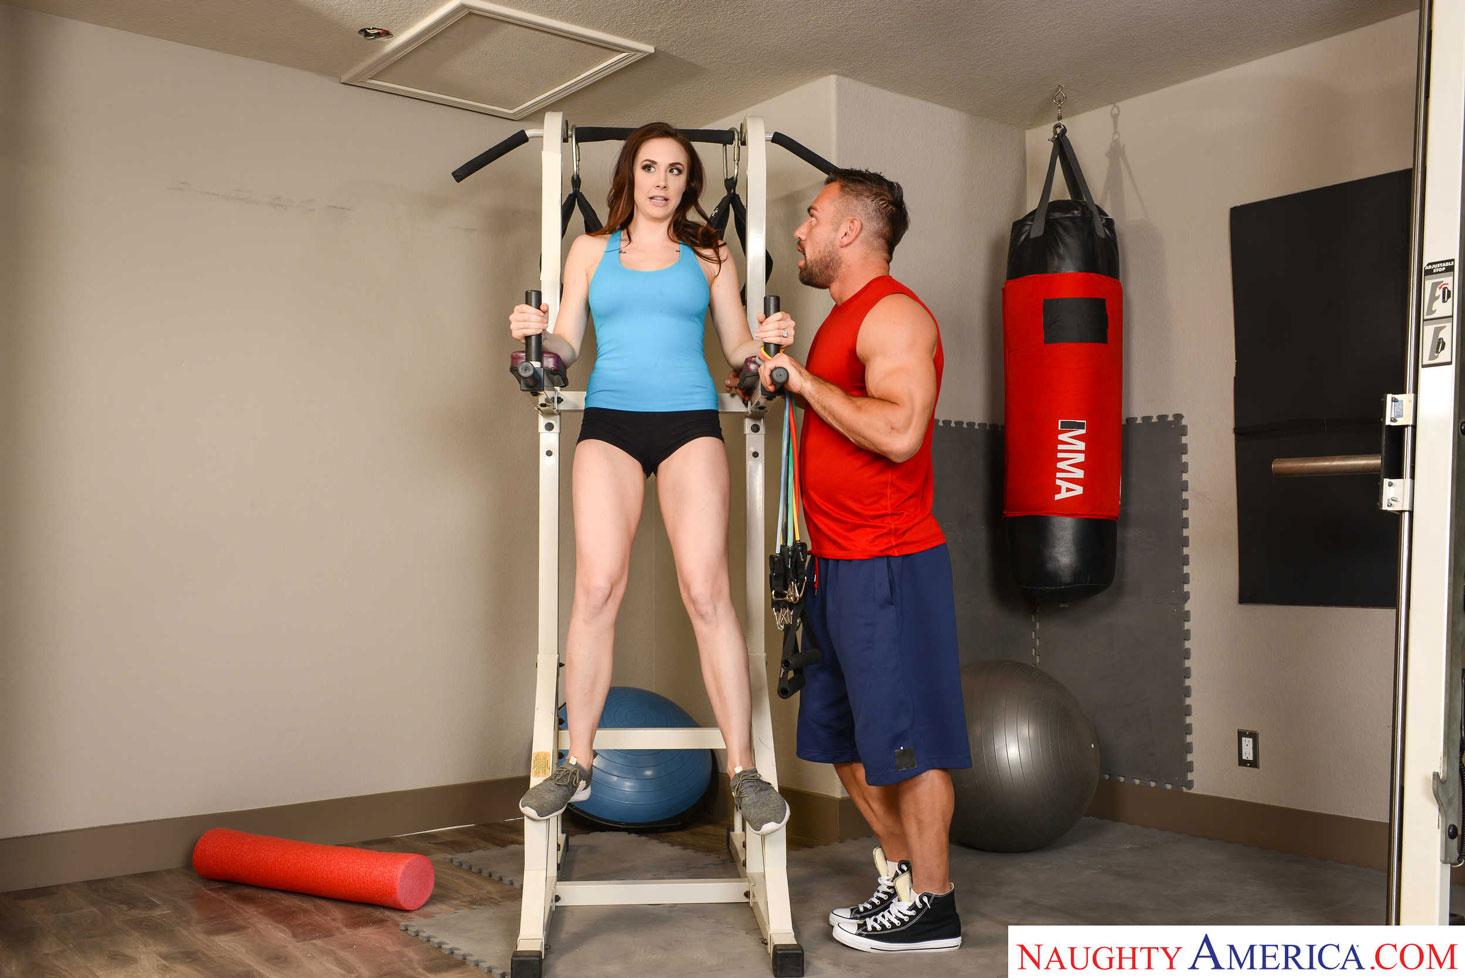 Naughty America - Chanel Preston Fucks Her Personal Trainer 1